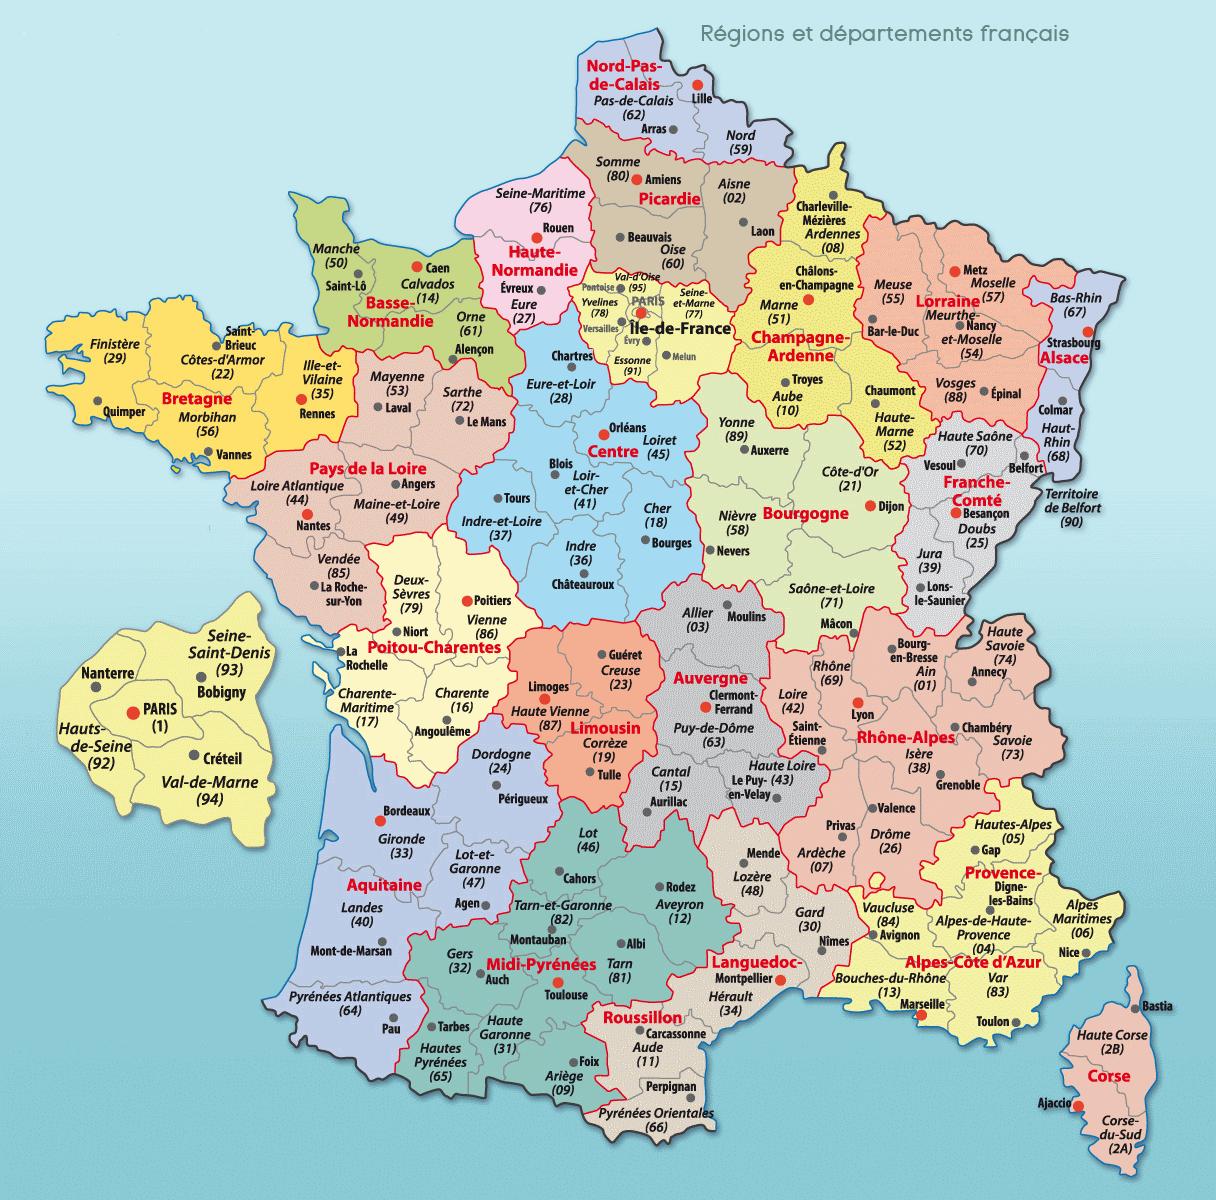 Cartes De France : Cartes Des Régions, Départements Et concernant Carte De La France Avec Ville